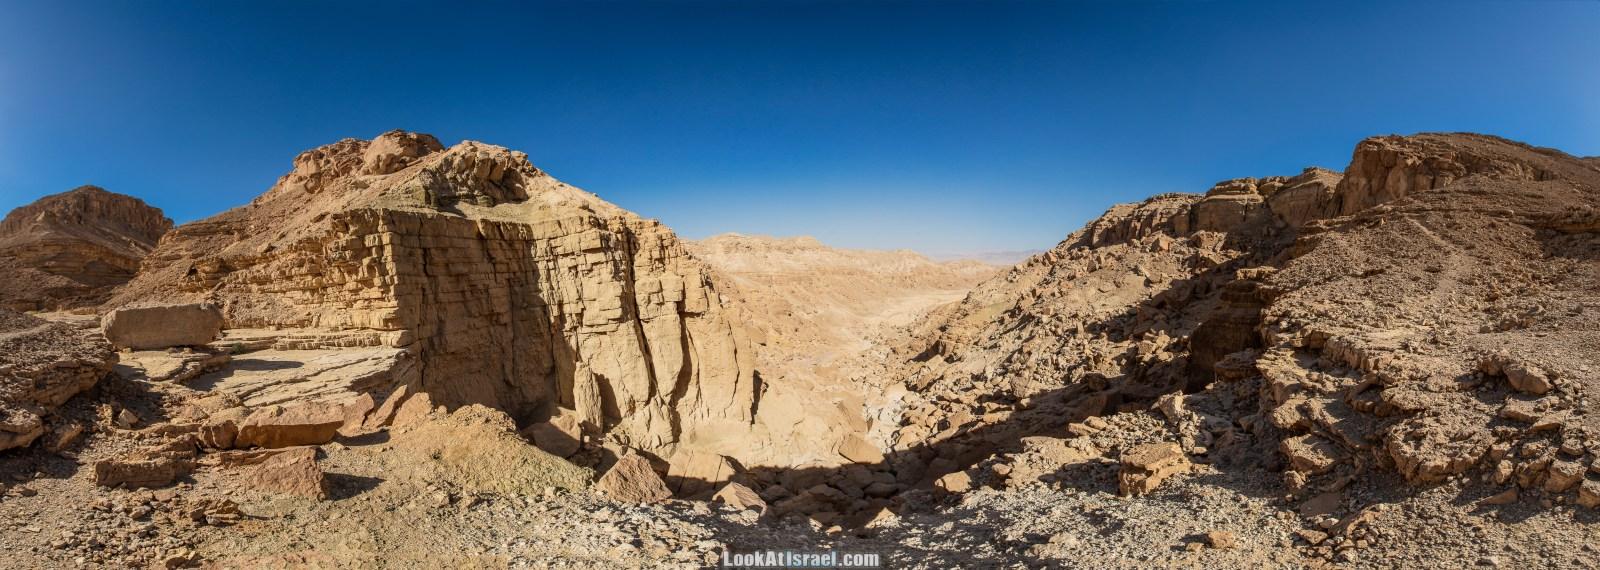 Эйлатские горы - Водопад в Нахаль Йотвата | LookAtIsrael.com - Фото путешествия по Израилю